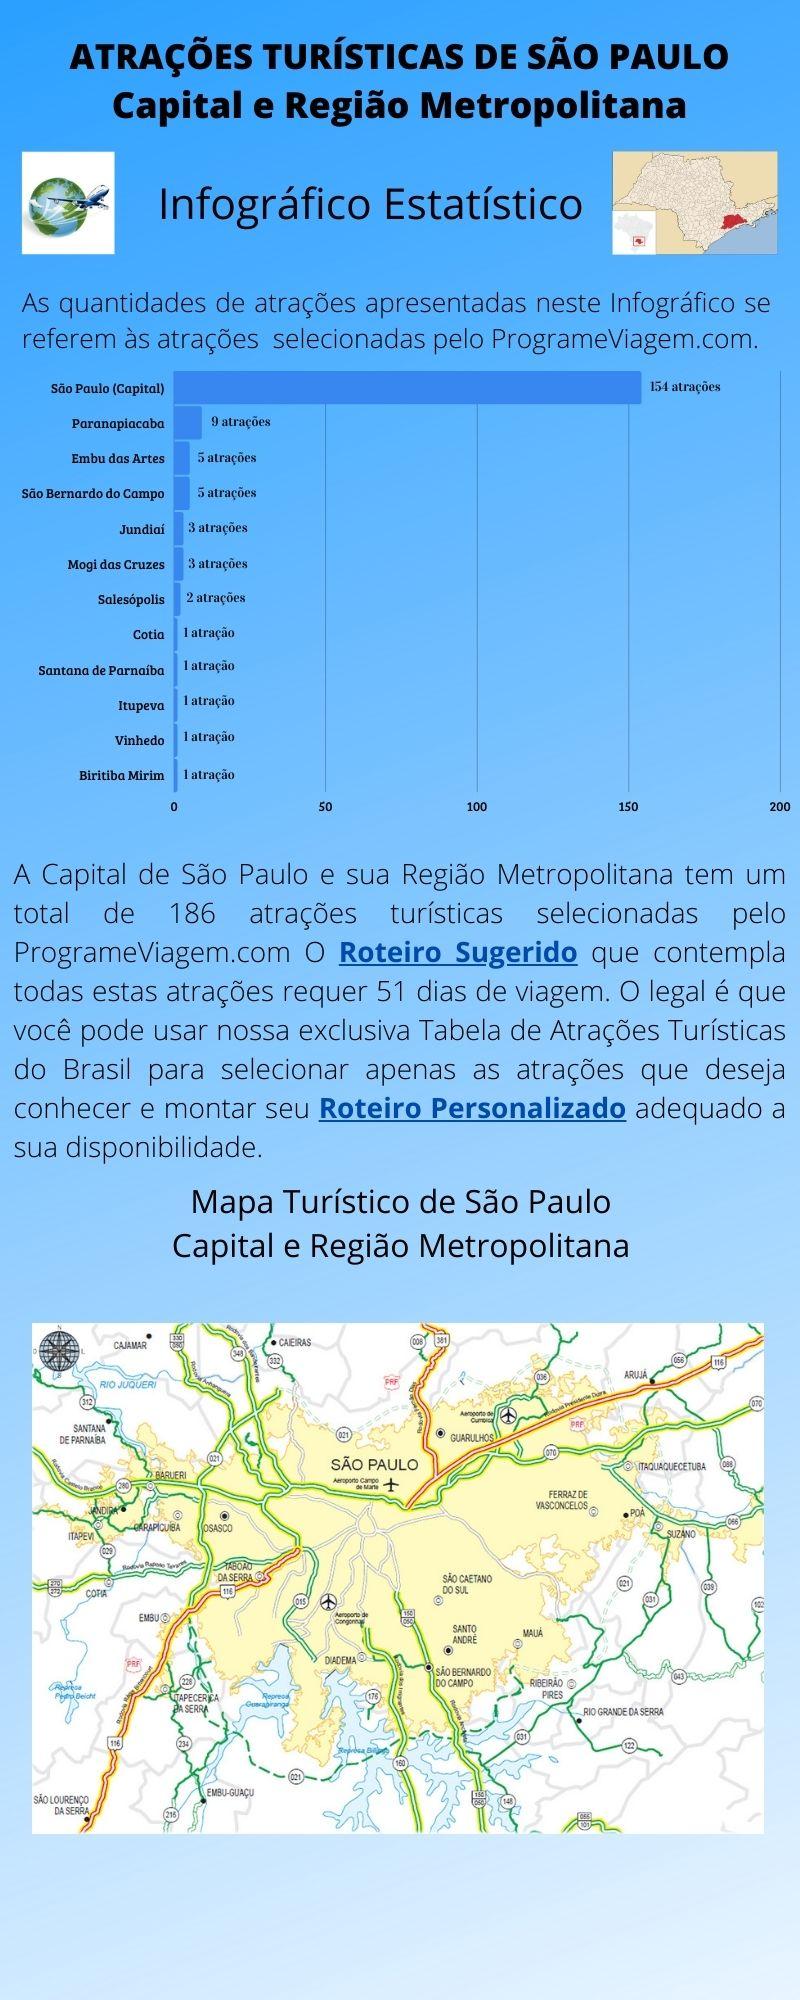 Infográfico Atrações Turísticas de São Paulo (Capital e Região Metropolitana) 1